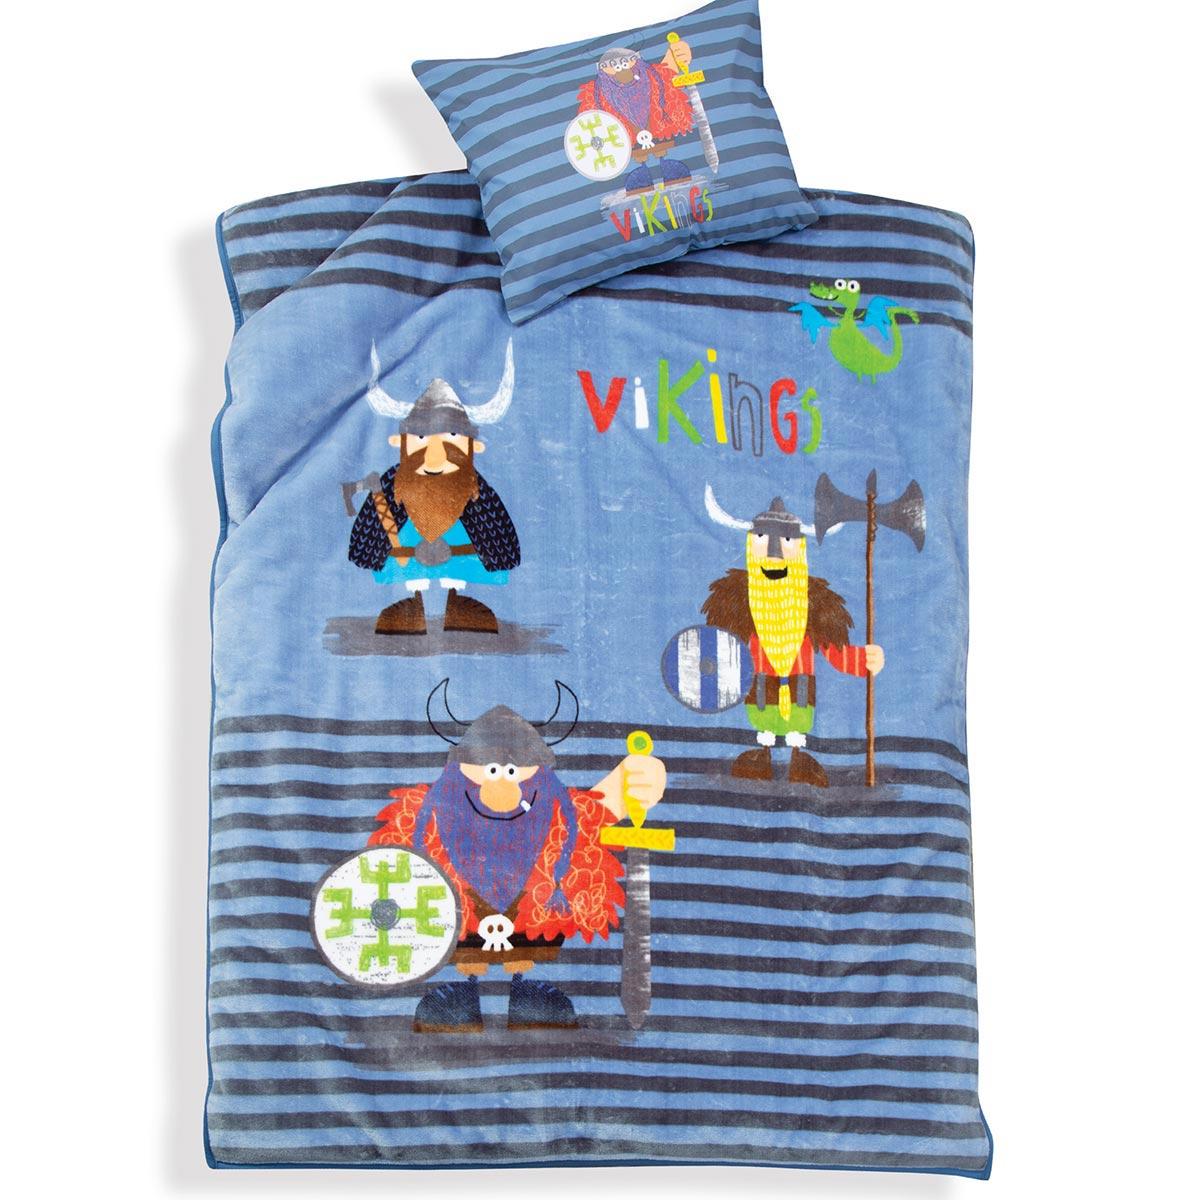 Κουβέρτα Βελουτέ Μονή Nef-Nef Vikings Style